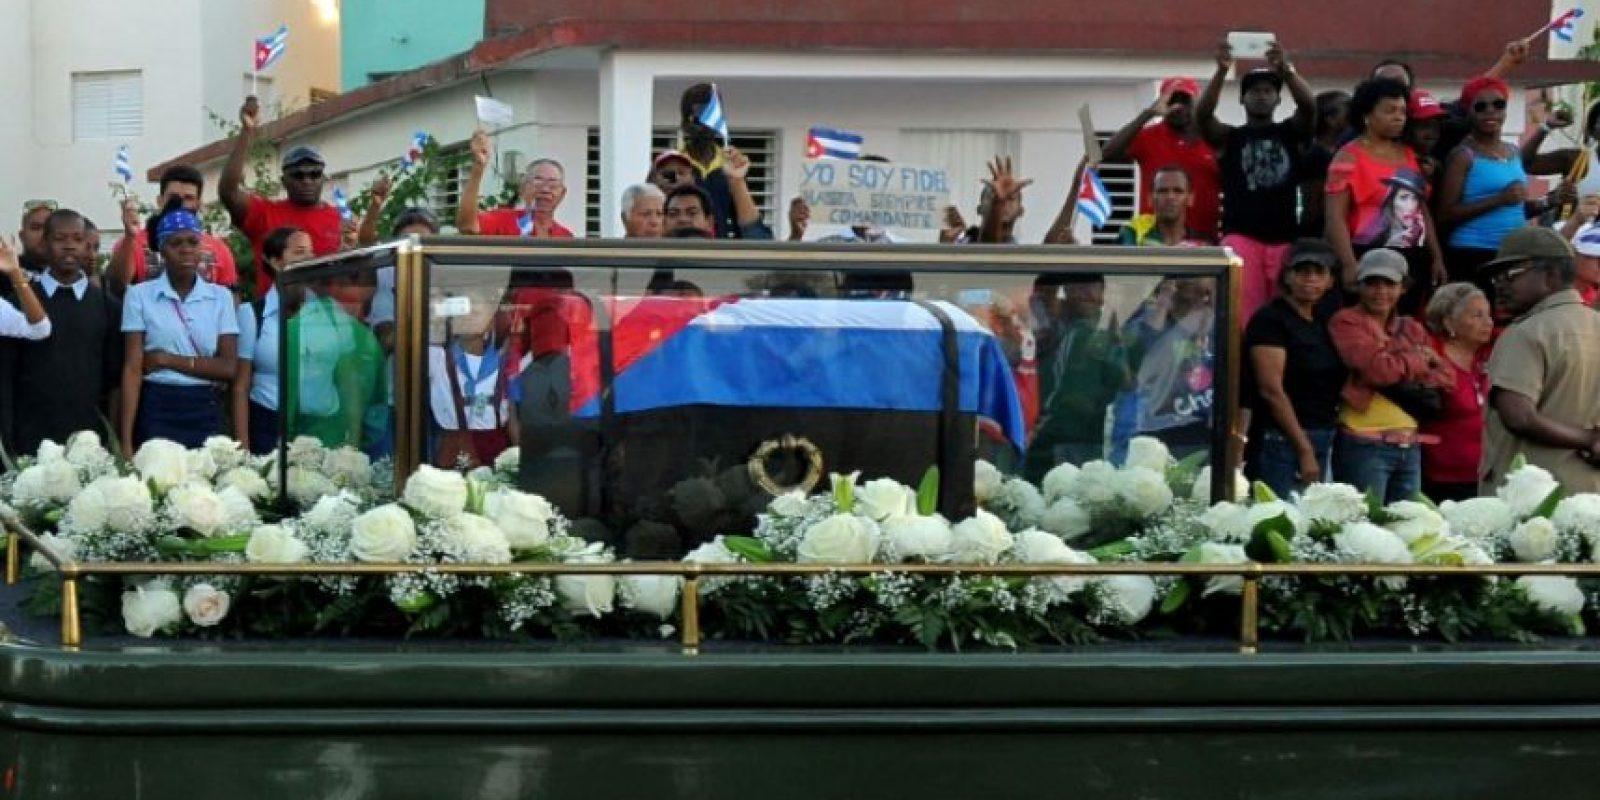 La urna con las cenizas del fallecido líder cubano Fidel Castro son trasladadas el 4 de diciembre de 2016 desde la Plaza de la Revolución de Santiago al cementerio Foto:Yamil Lage/afp.com